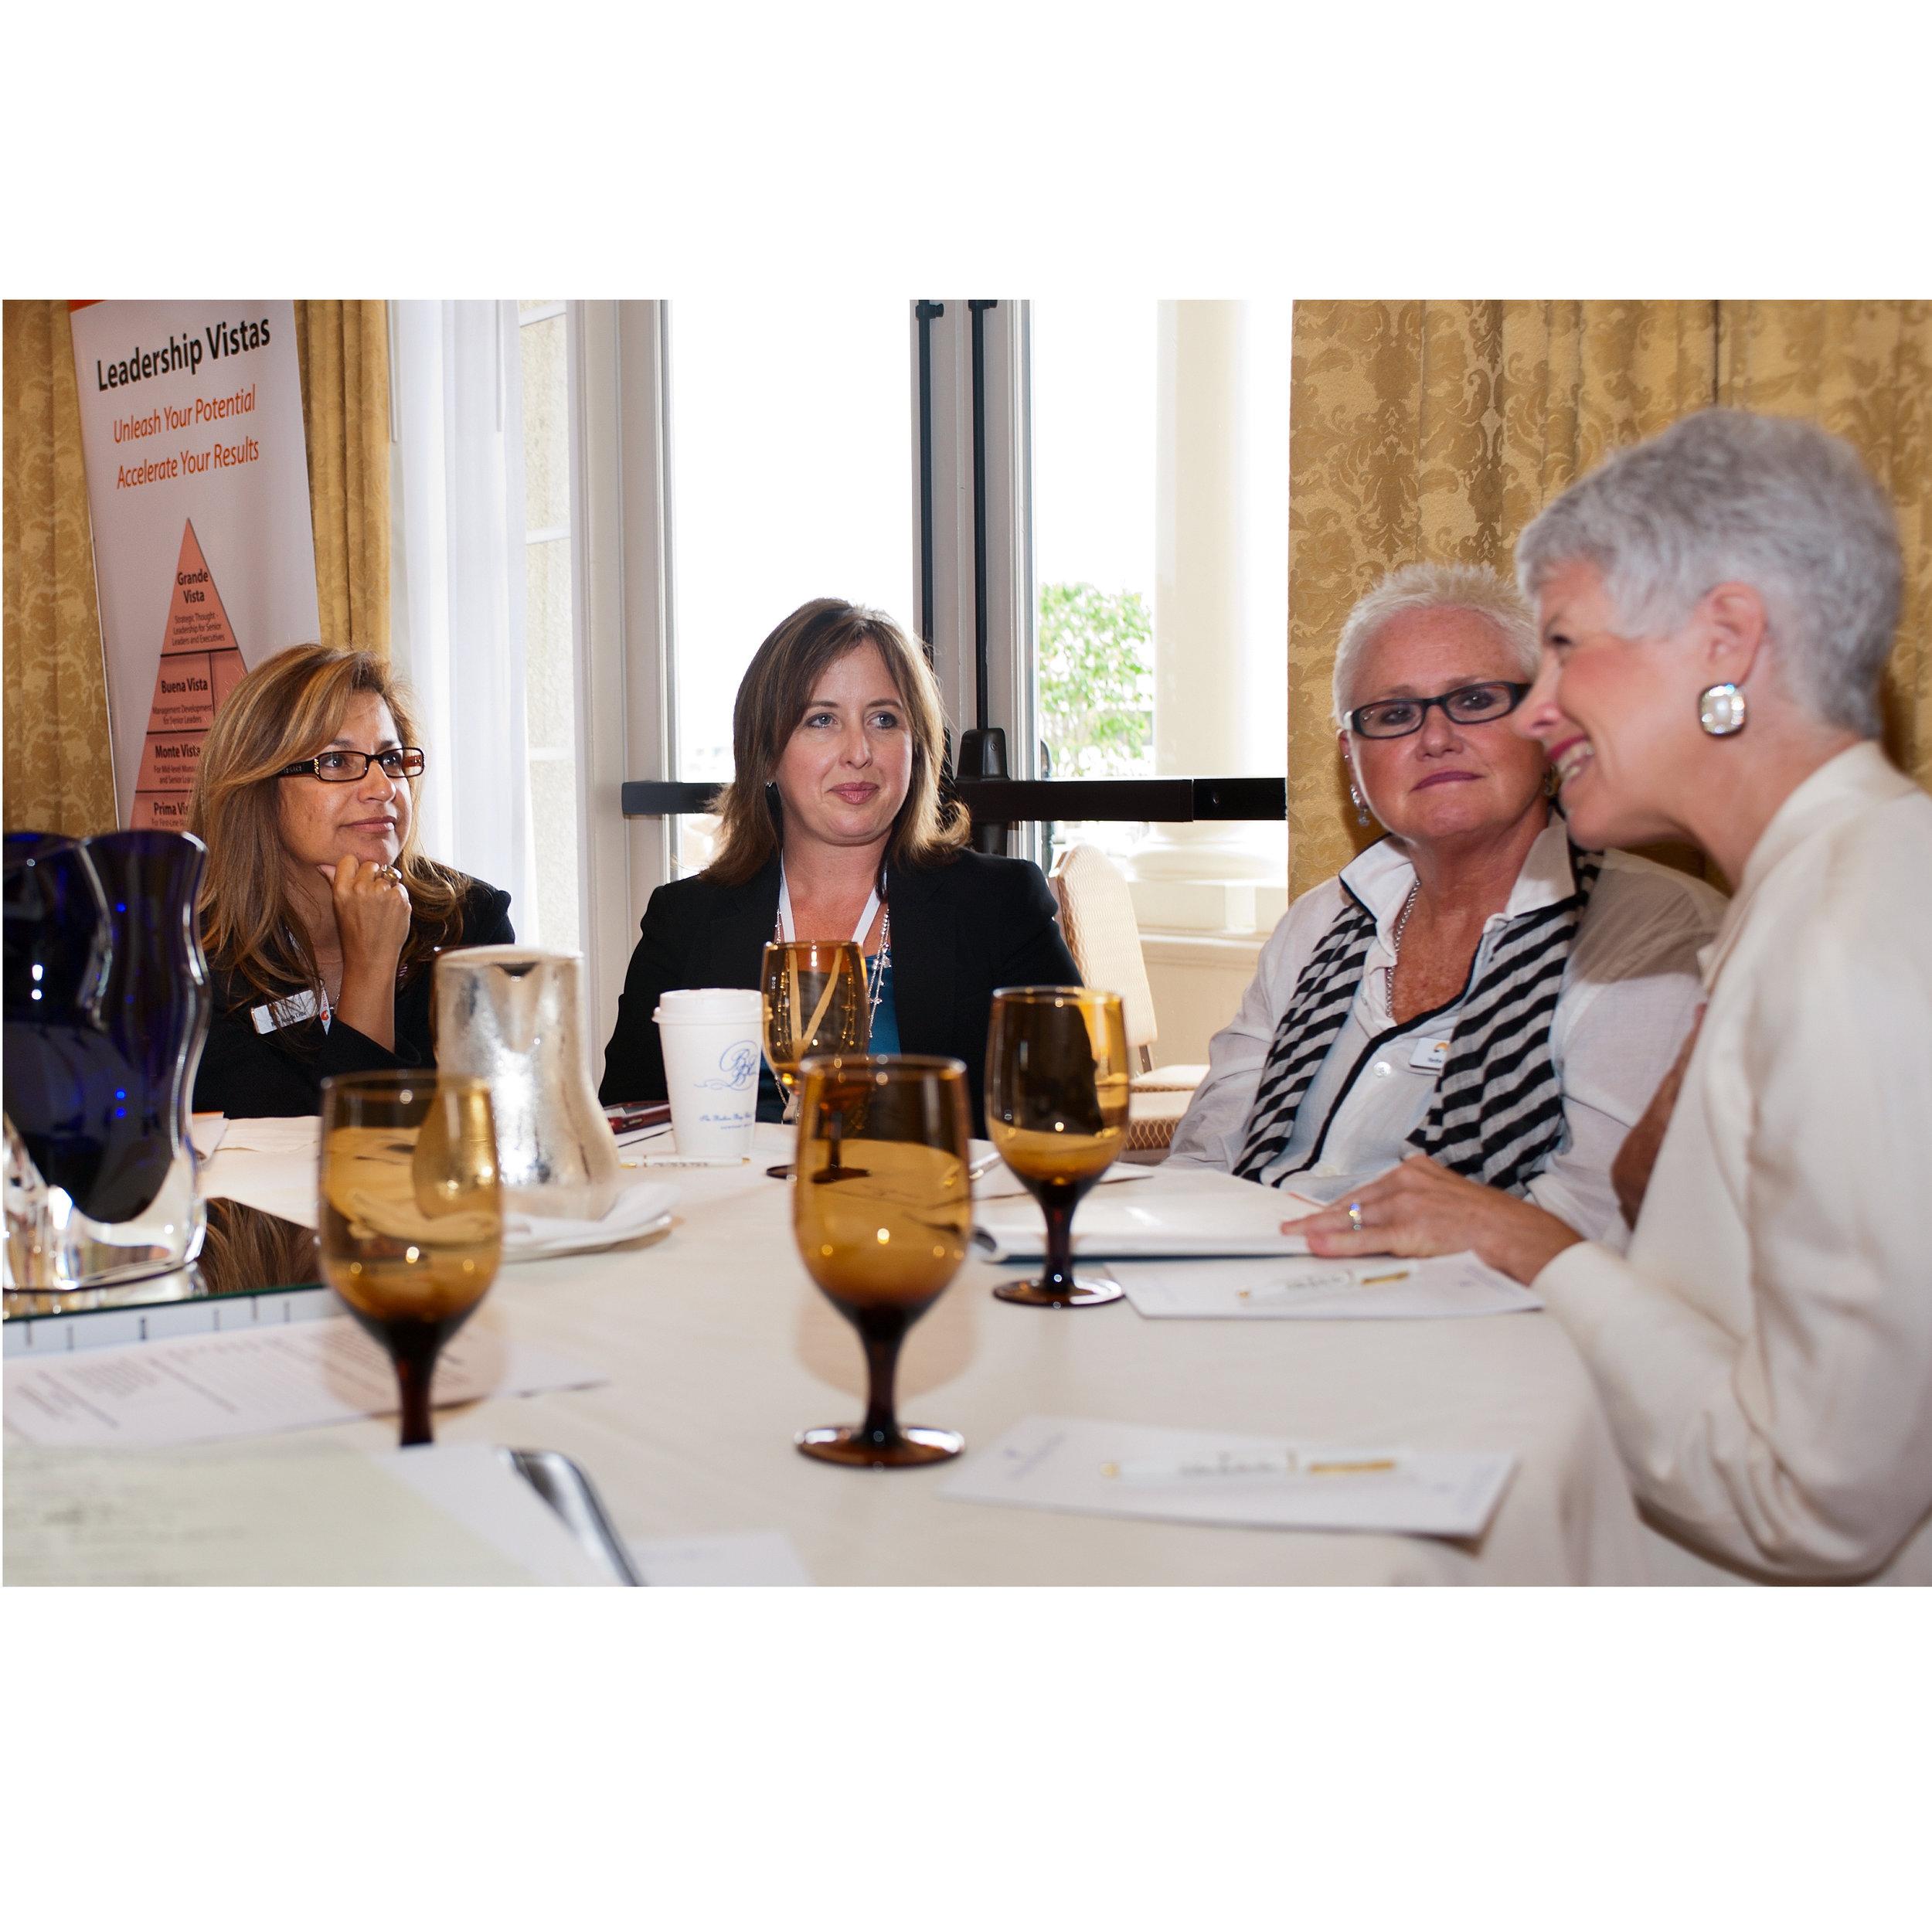 Deb Boelkes conferring with Leadership Vistas participants